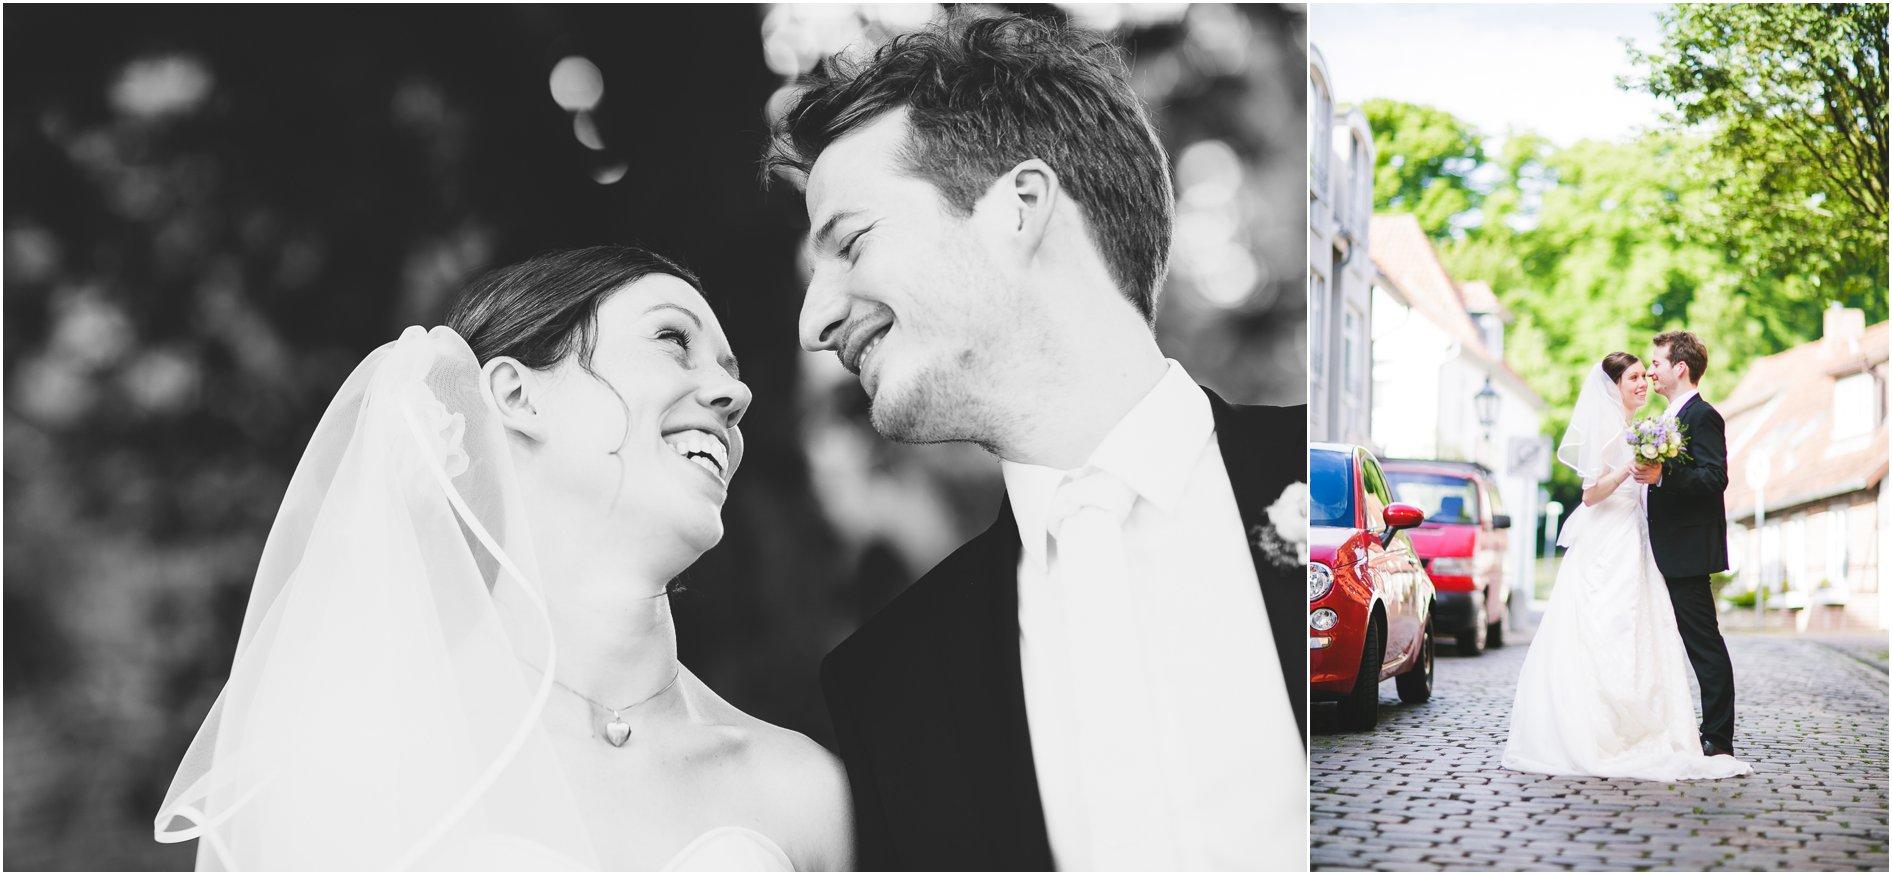 2014-08-07_0069 Wiebke und Marcio - Hochzeitsfotograf in Lüneburg